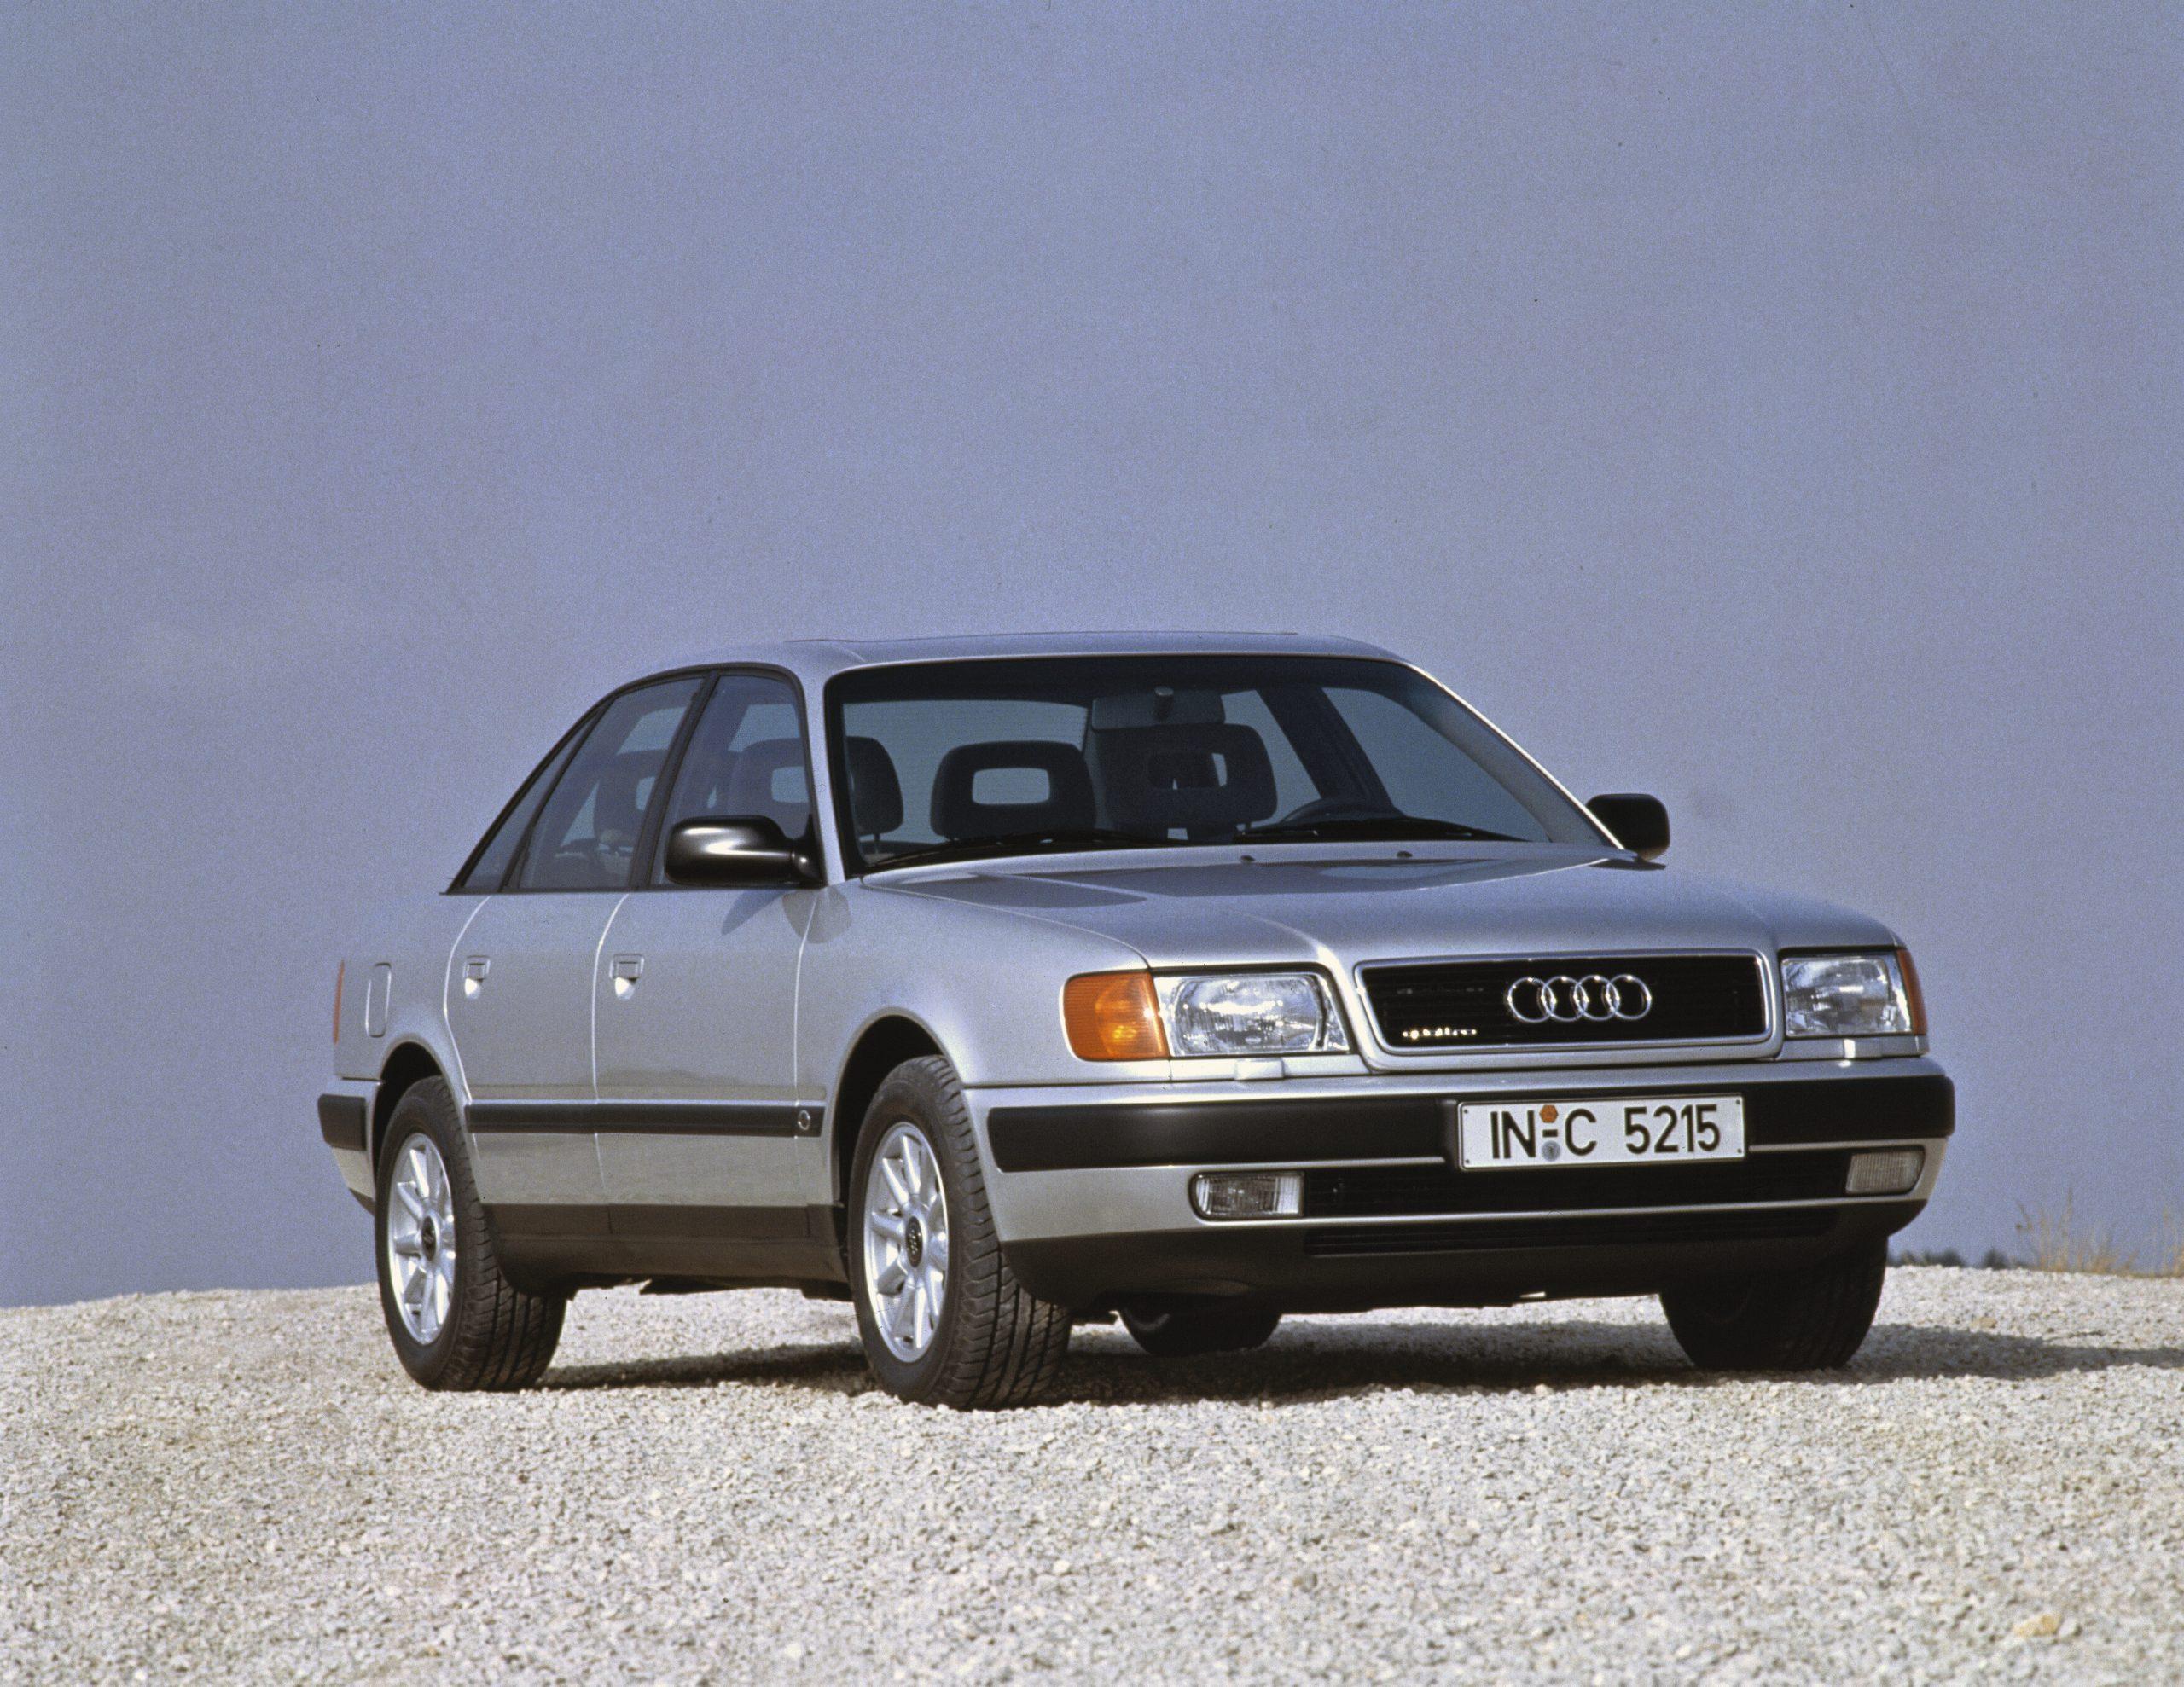 Vorsprung Durch Technik: Five ways Audi has advanced cars in five decades